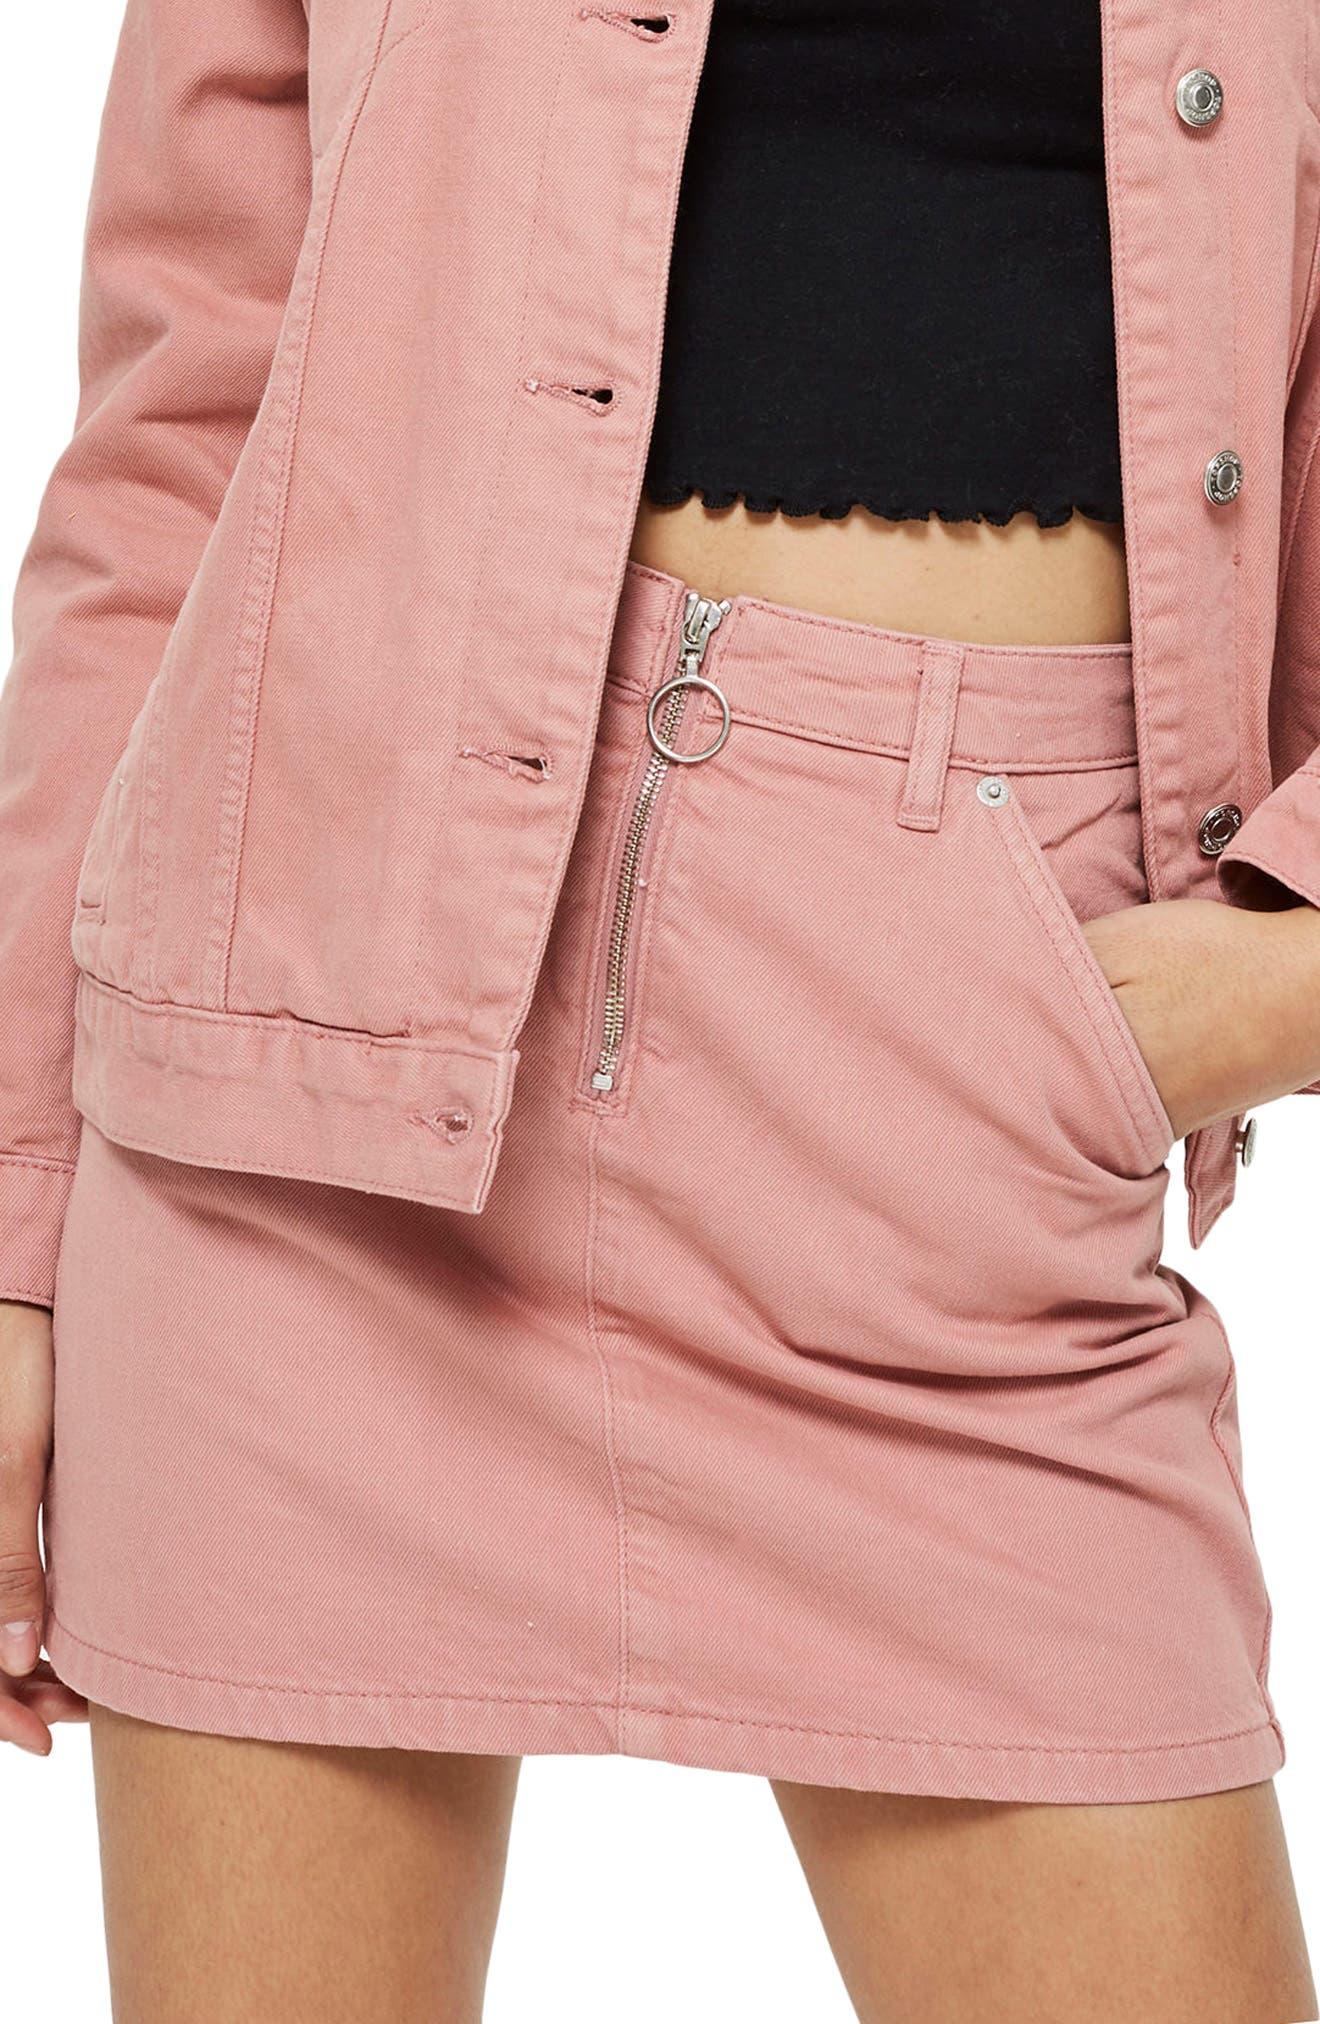 Topshop Half Zip Denim Skirt